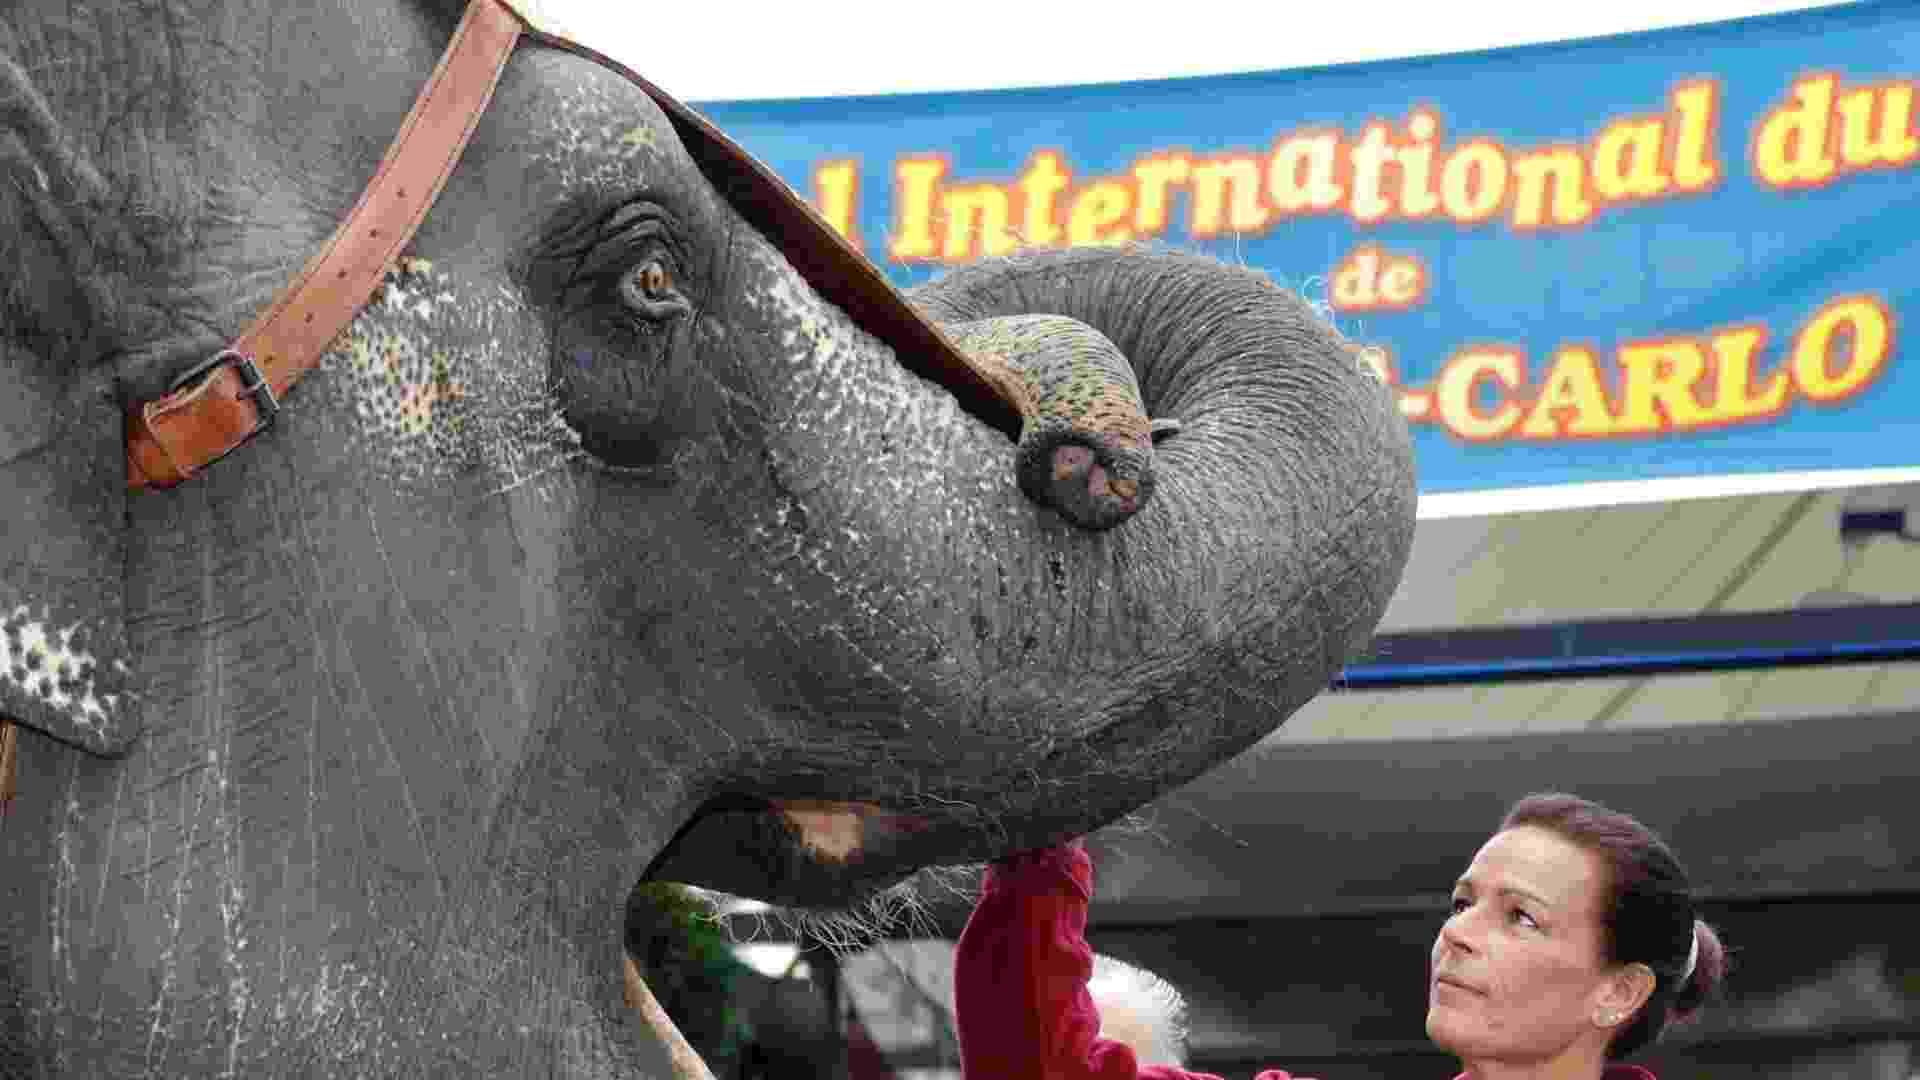 A princesa Stephanie de Monaco brinca com elefante nos bastidores do Festival Internacional de Circo de Monte Carlo  - REUTERS/Eric Gaillard